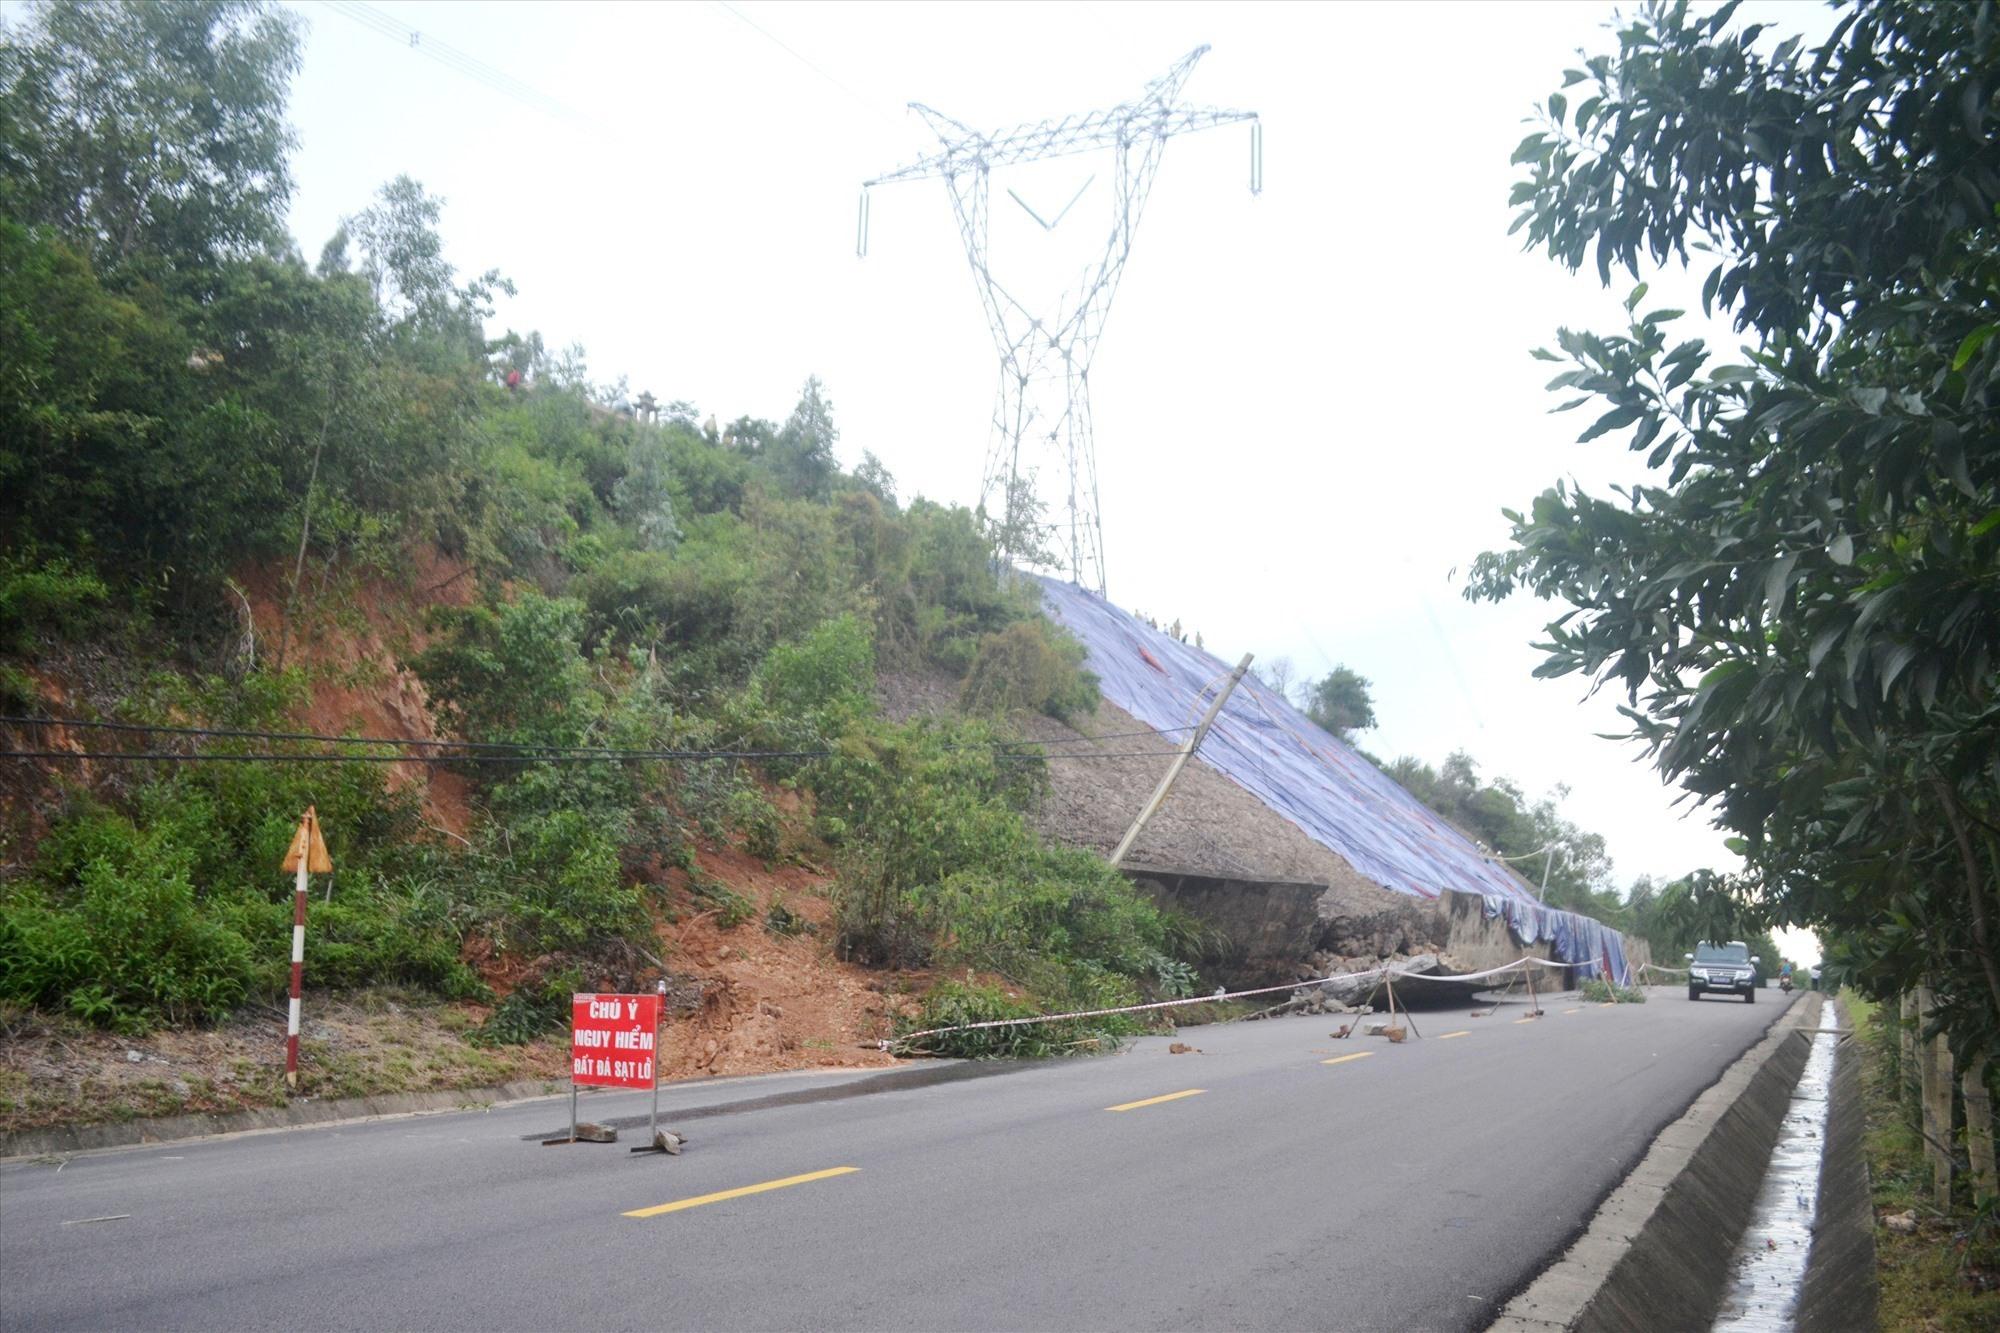 Cảnh báo nguy hiểm đoạn sạt lở tường chắn trên QL14B, đoạn qua địa bàn xã Đại Quang (Đại Lộc). Ảnh: CT